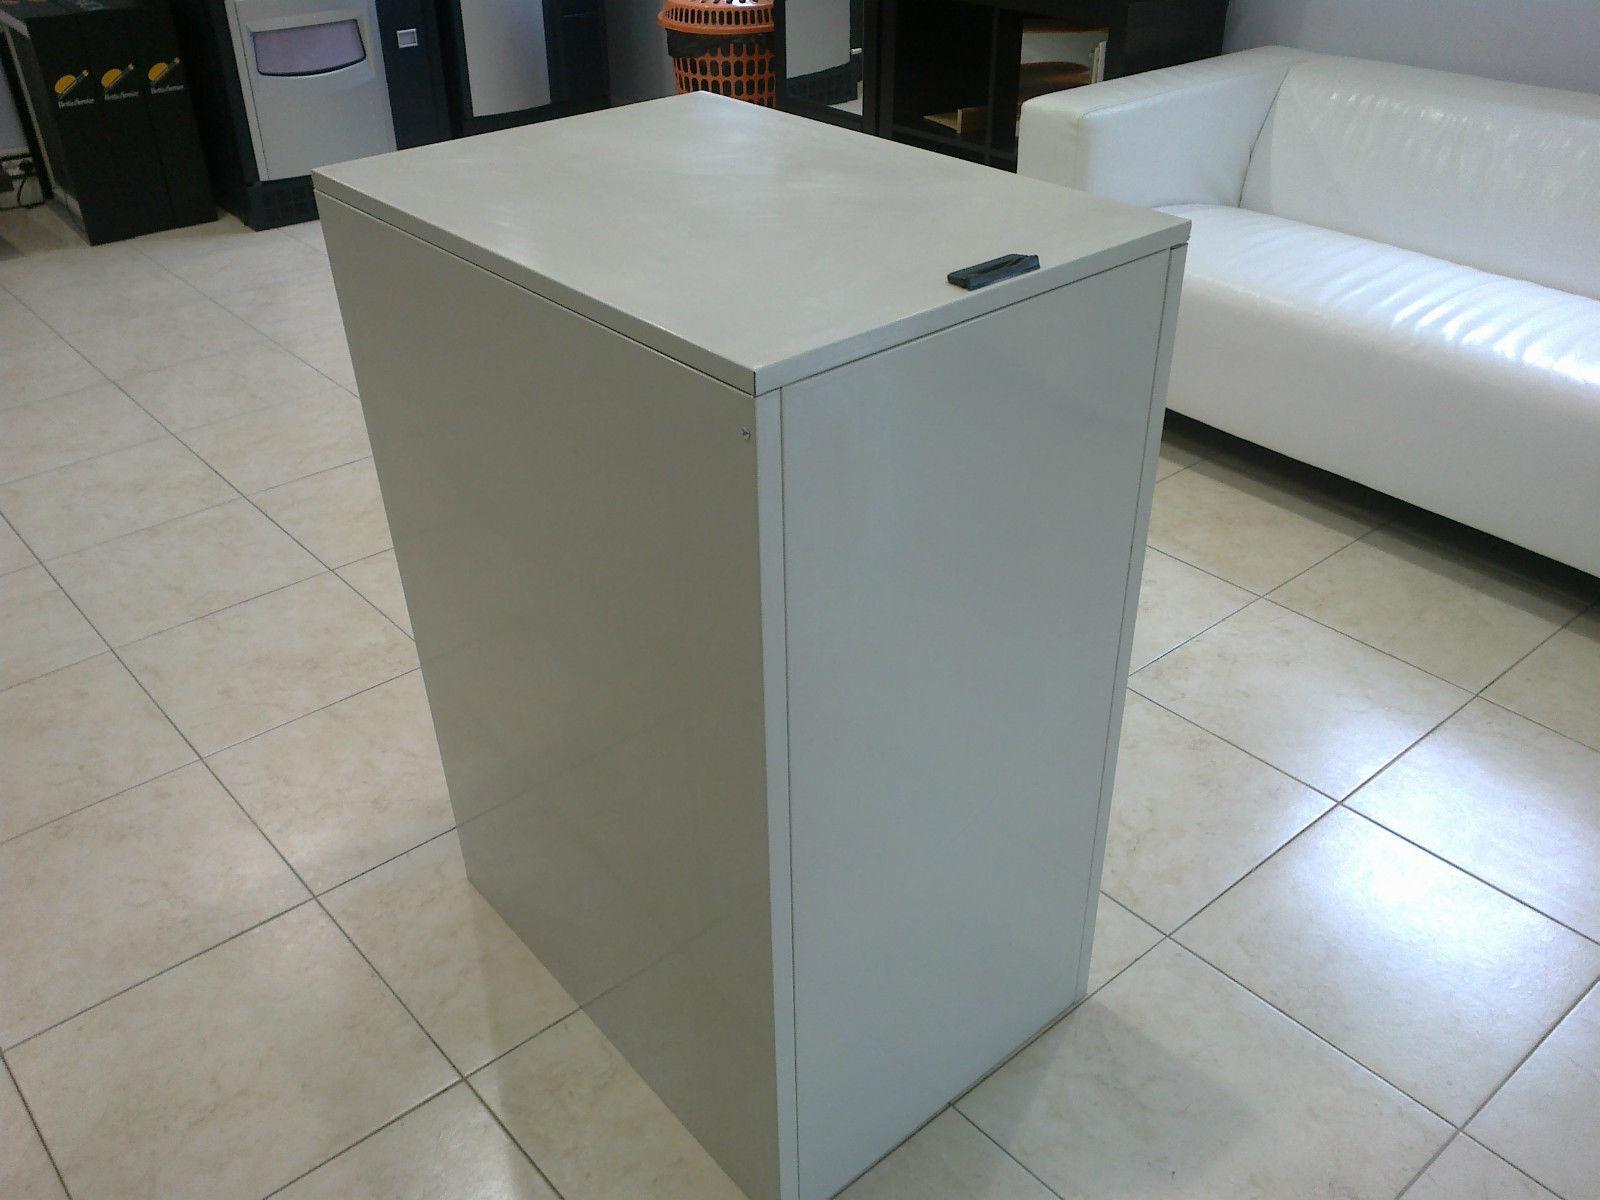 Mobile coprilavatrice in lamiera zincata lavatrice per - Lavatrice per esterno ...